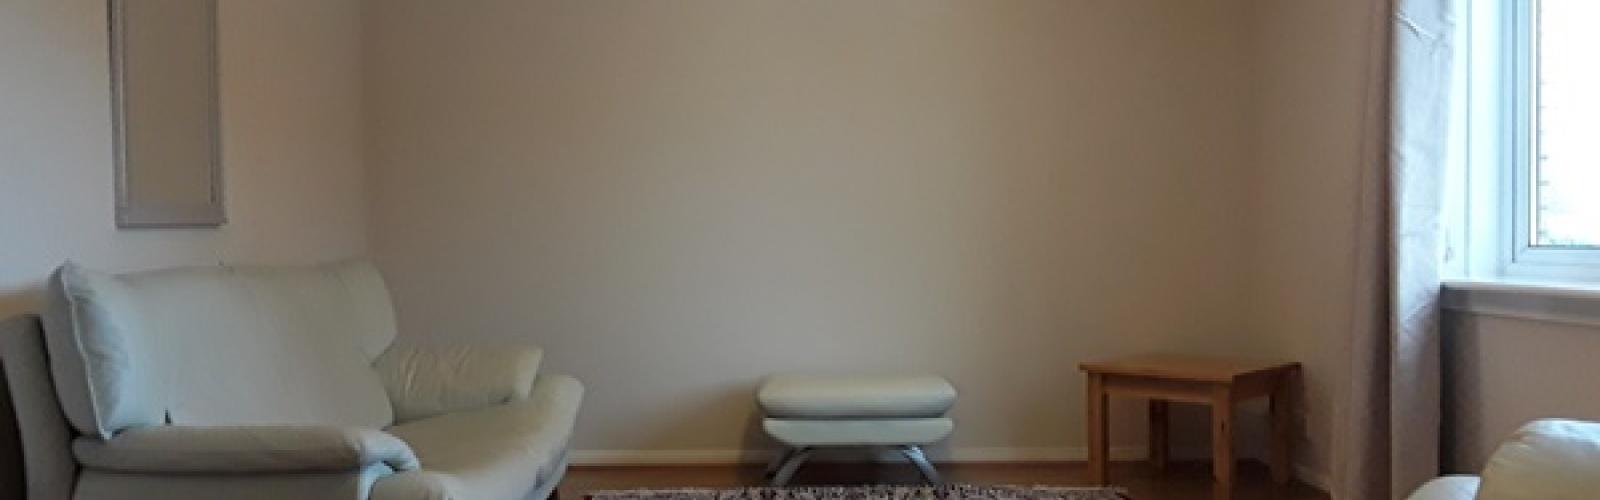 1 Bedroom Bedrooms,1 BathroomBathrooms,Flat,1032